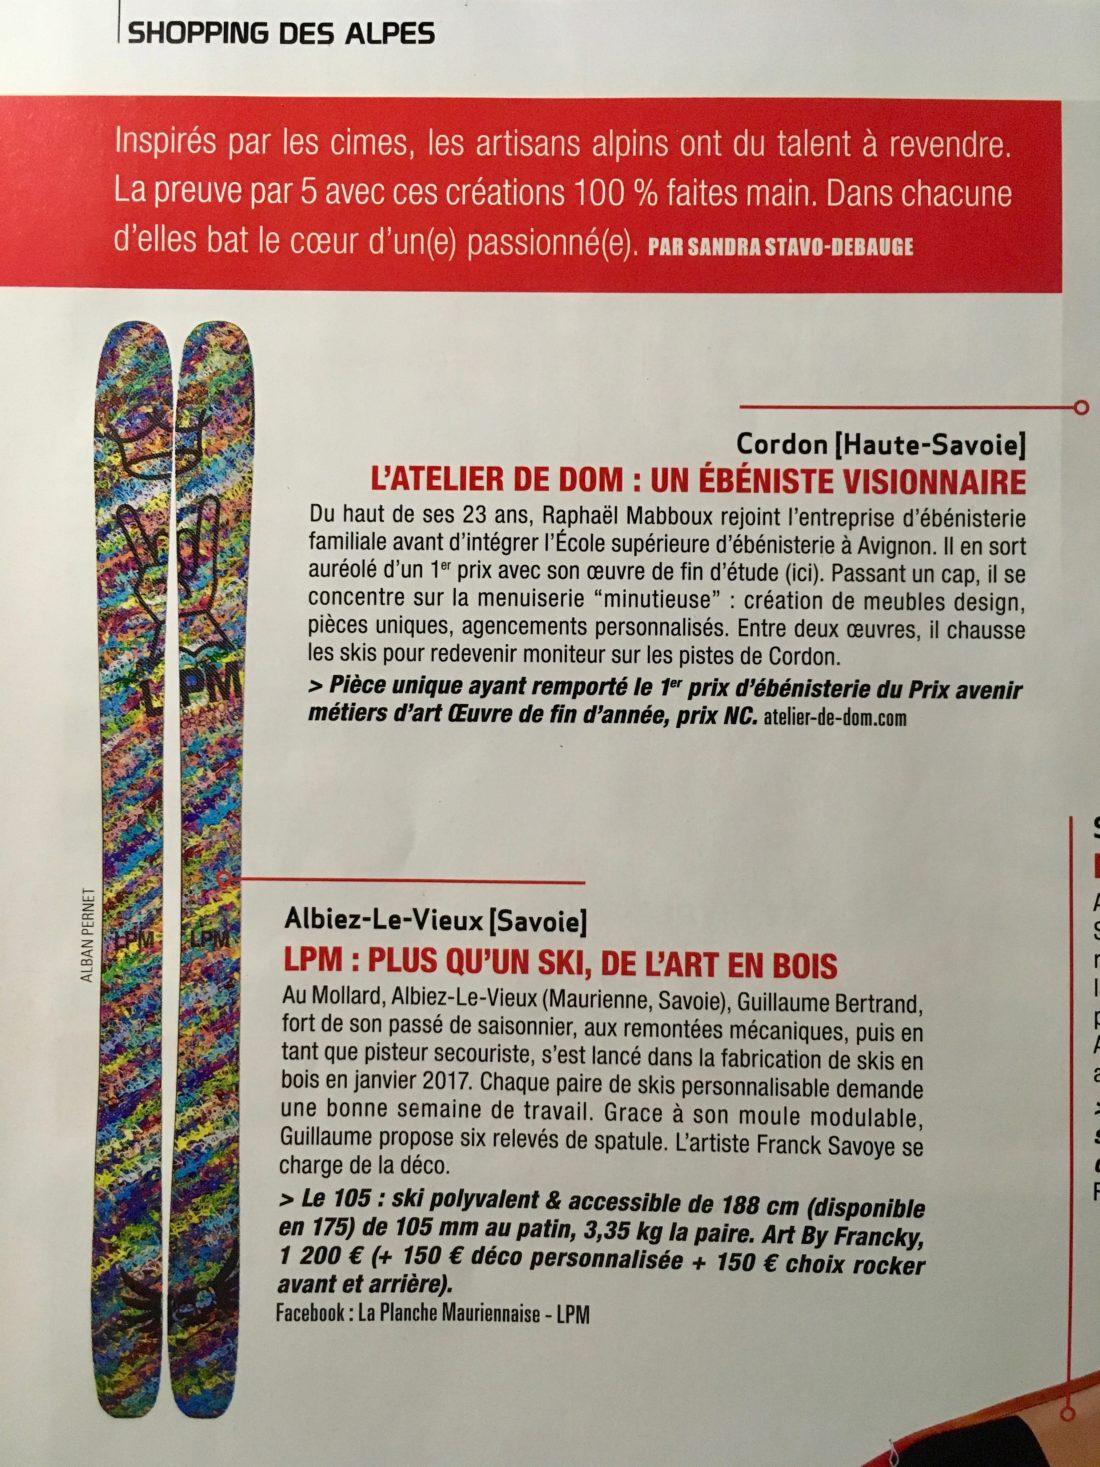 La Planche Mauriennaise LPM skis article Alpes Loisirs magazine modèle 105 design